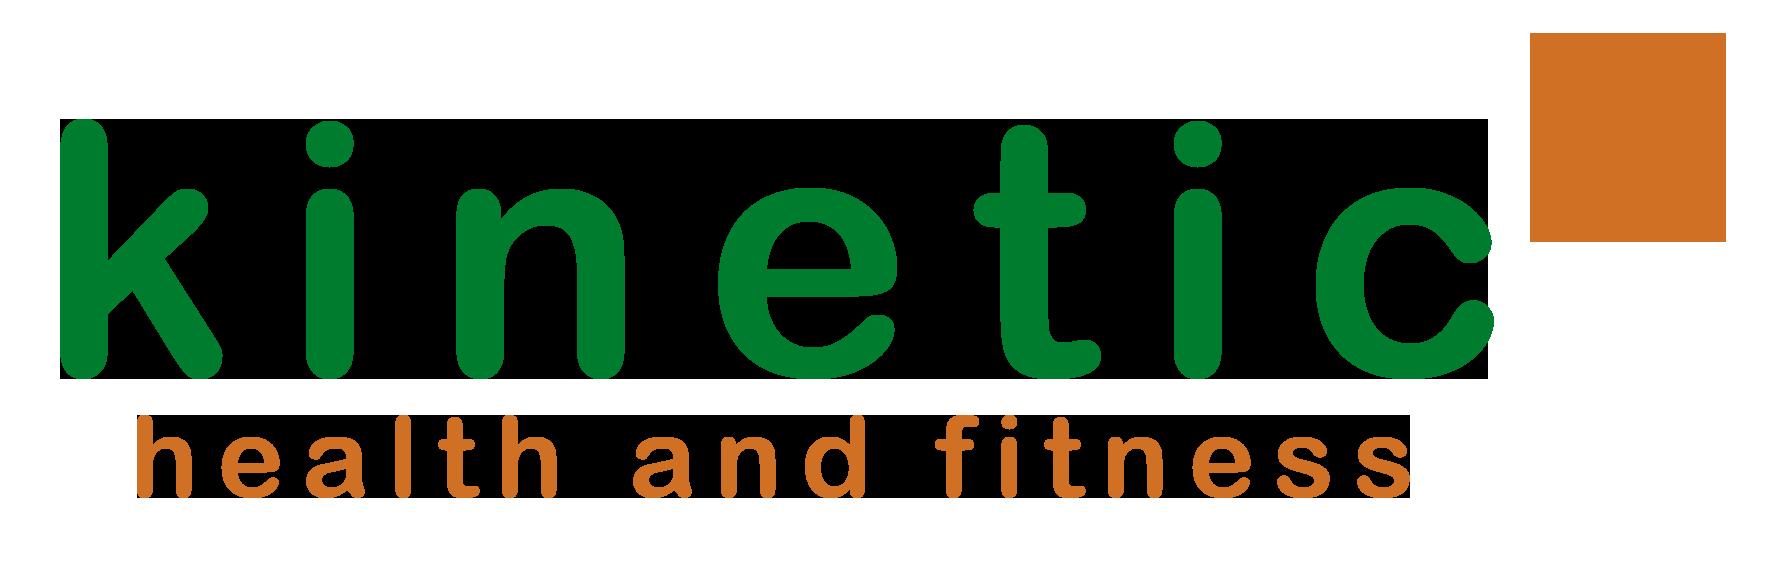 Kinetic logo.